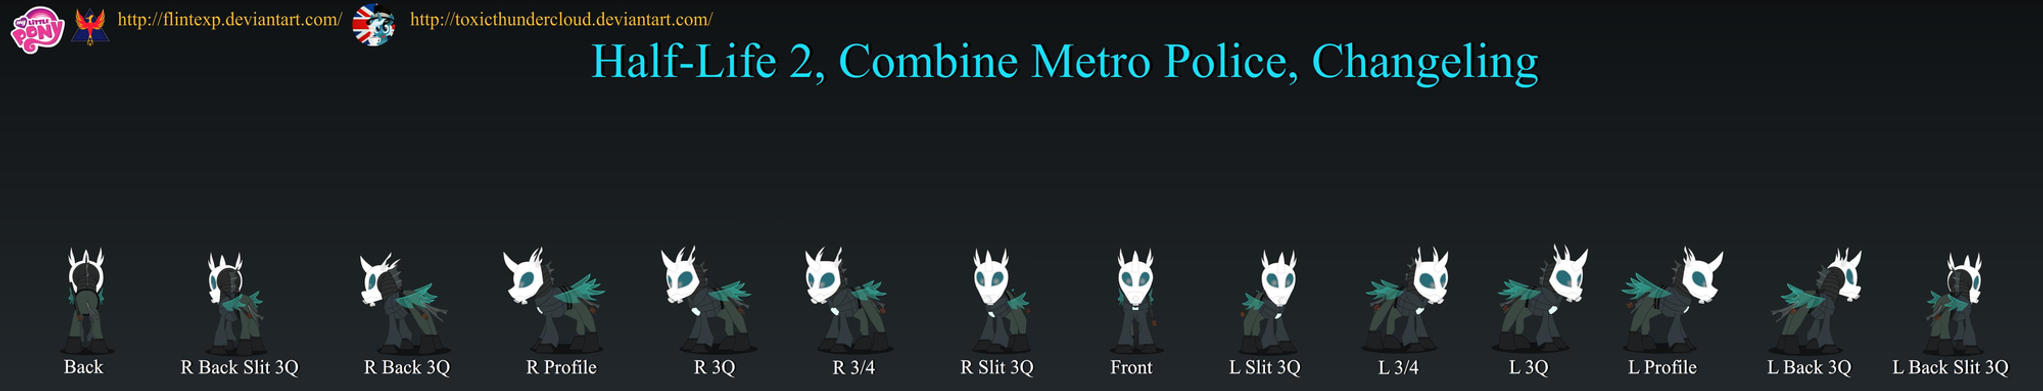 Combine Metro Police Changeling v2.7 by FlintEXP